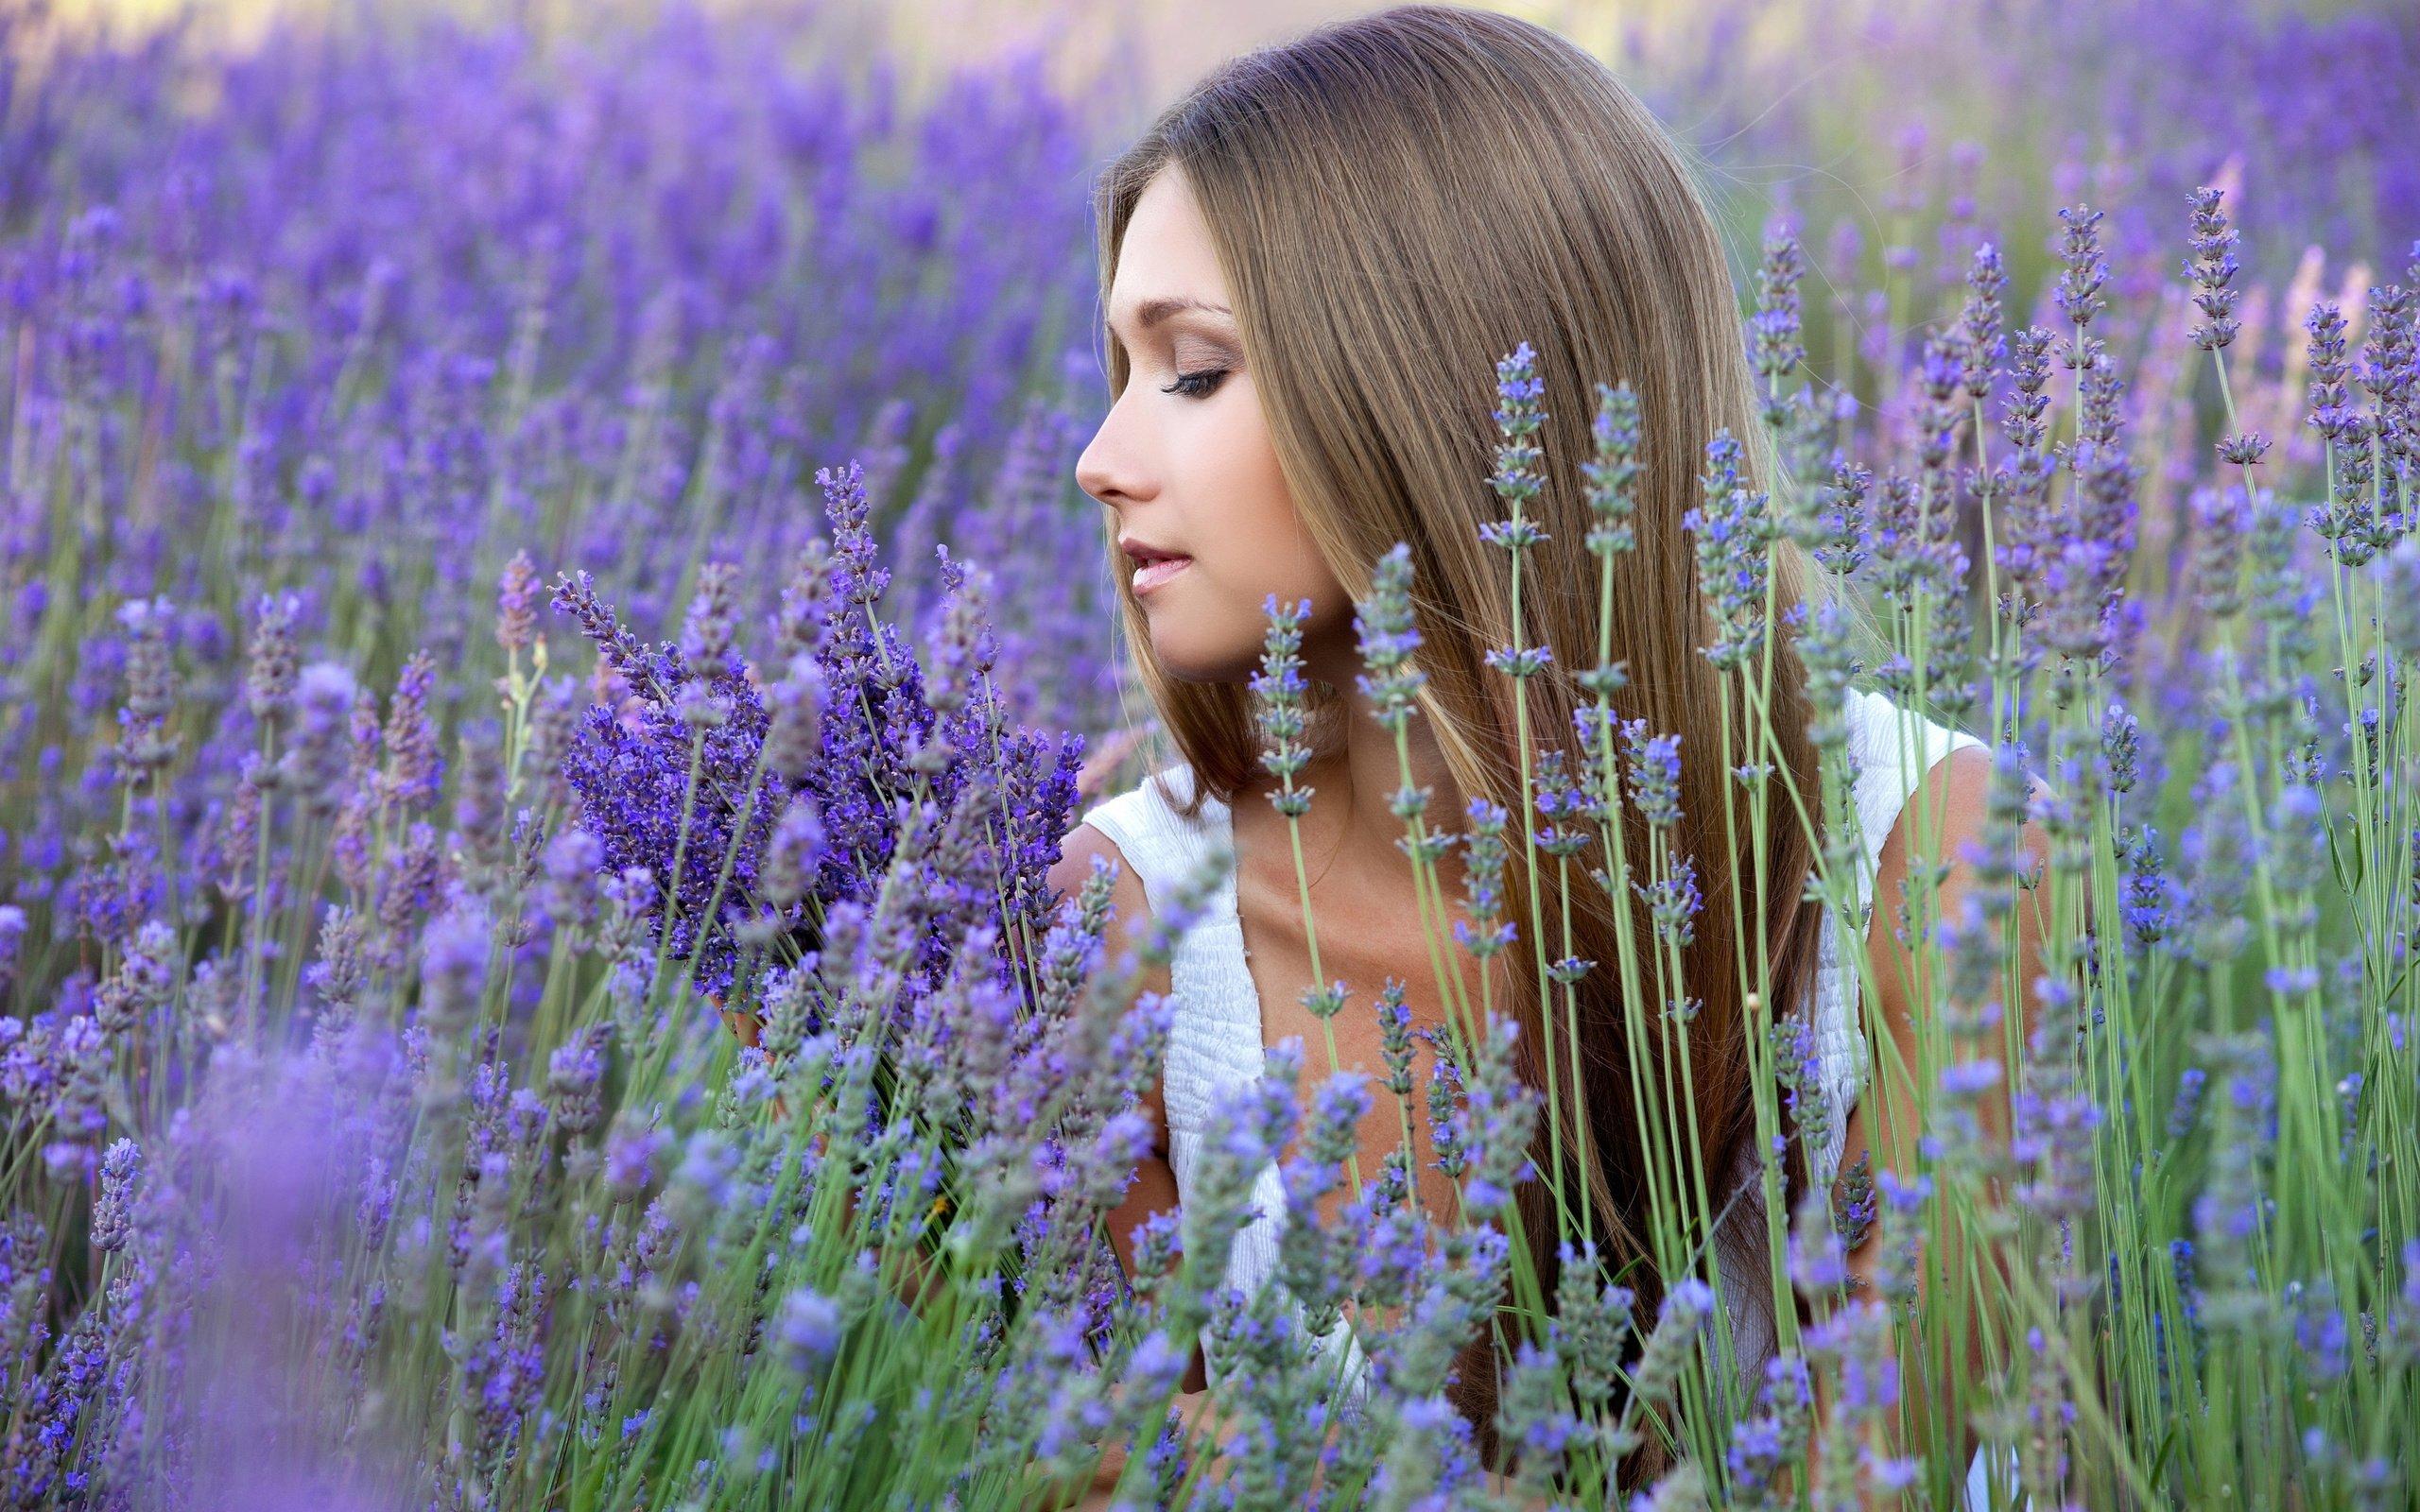 Фото девушек профиль в цветах